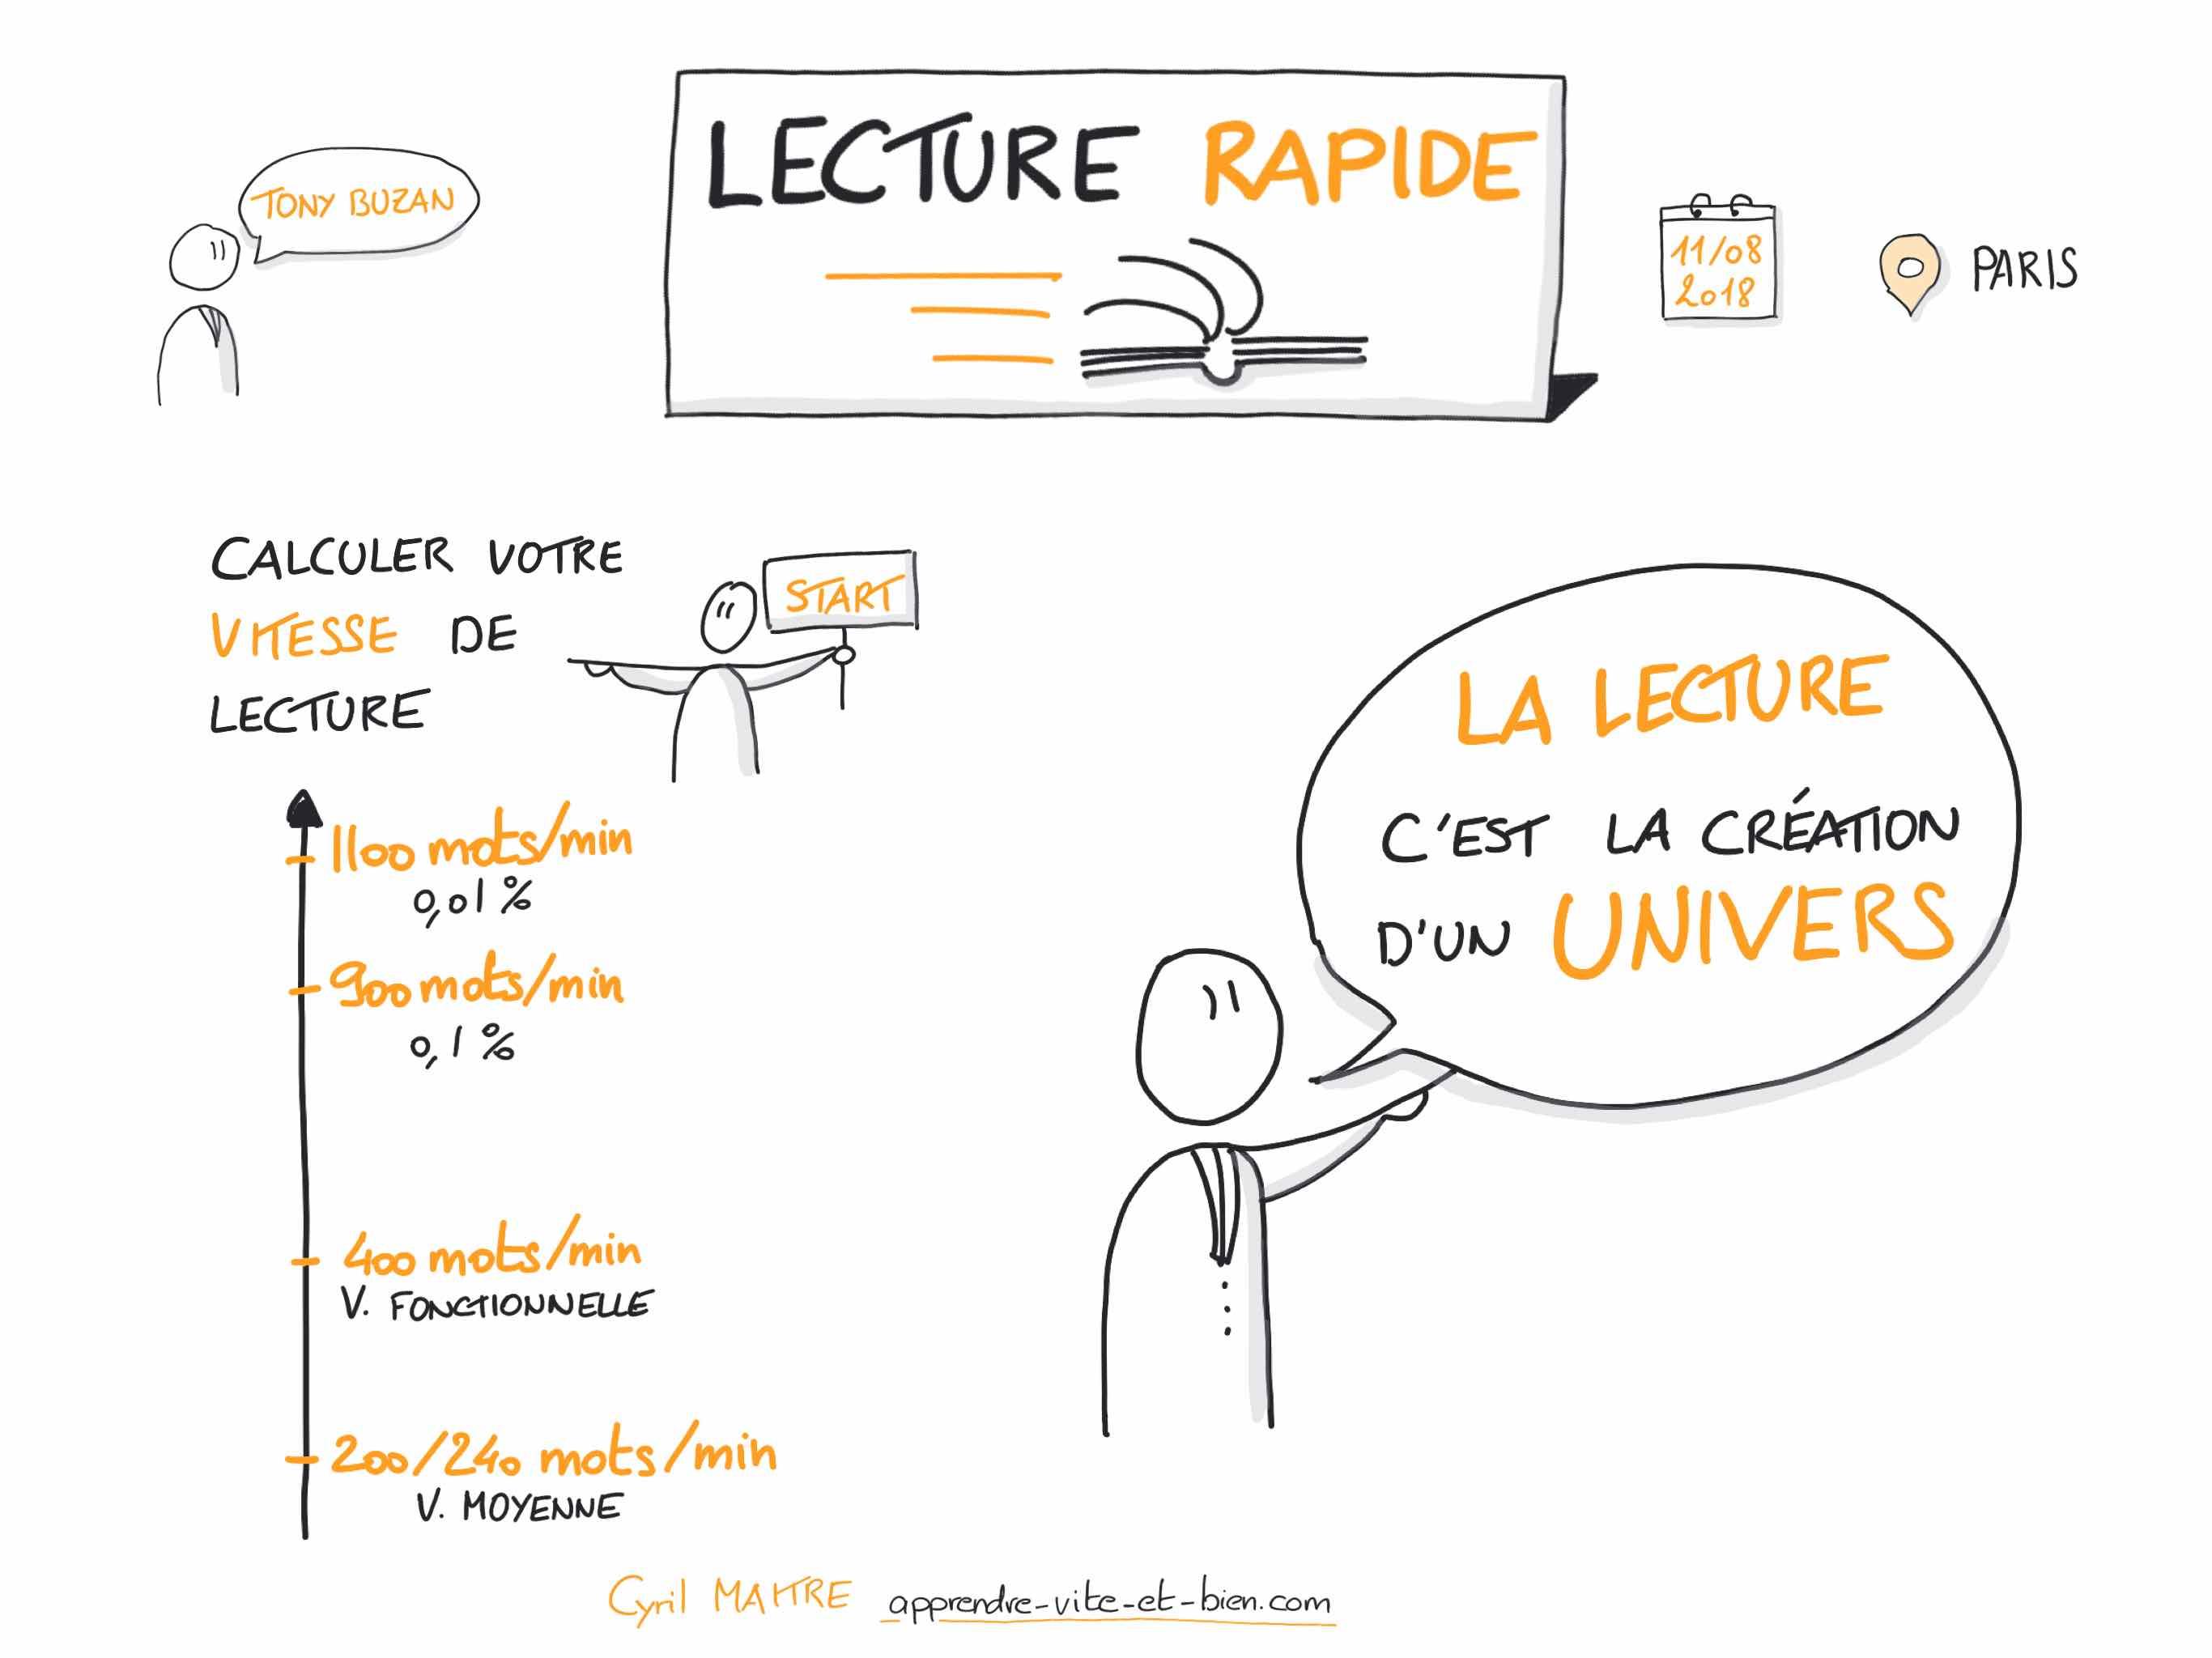 Sketchnote de la conférence de Tony Buzan sur la lecture rapide